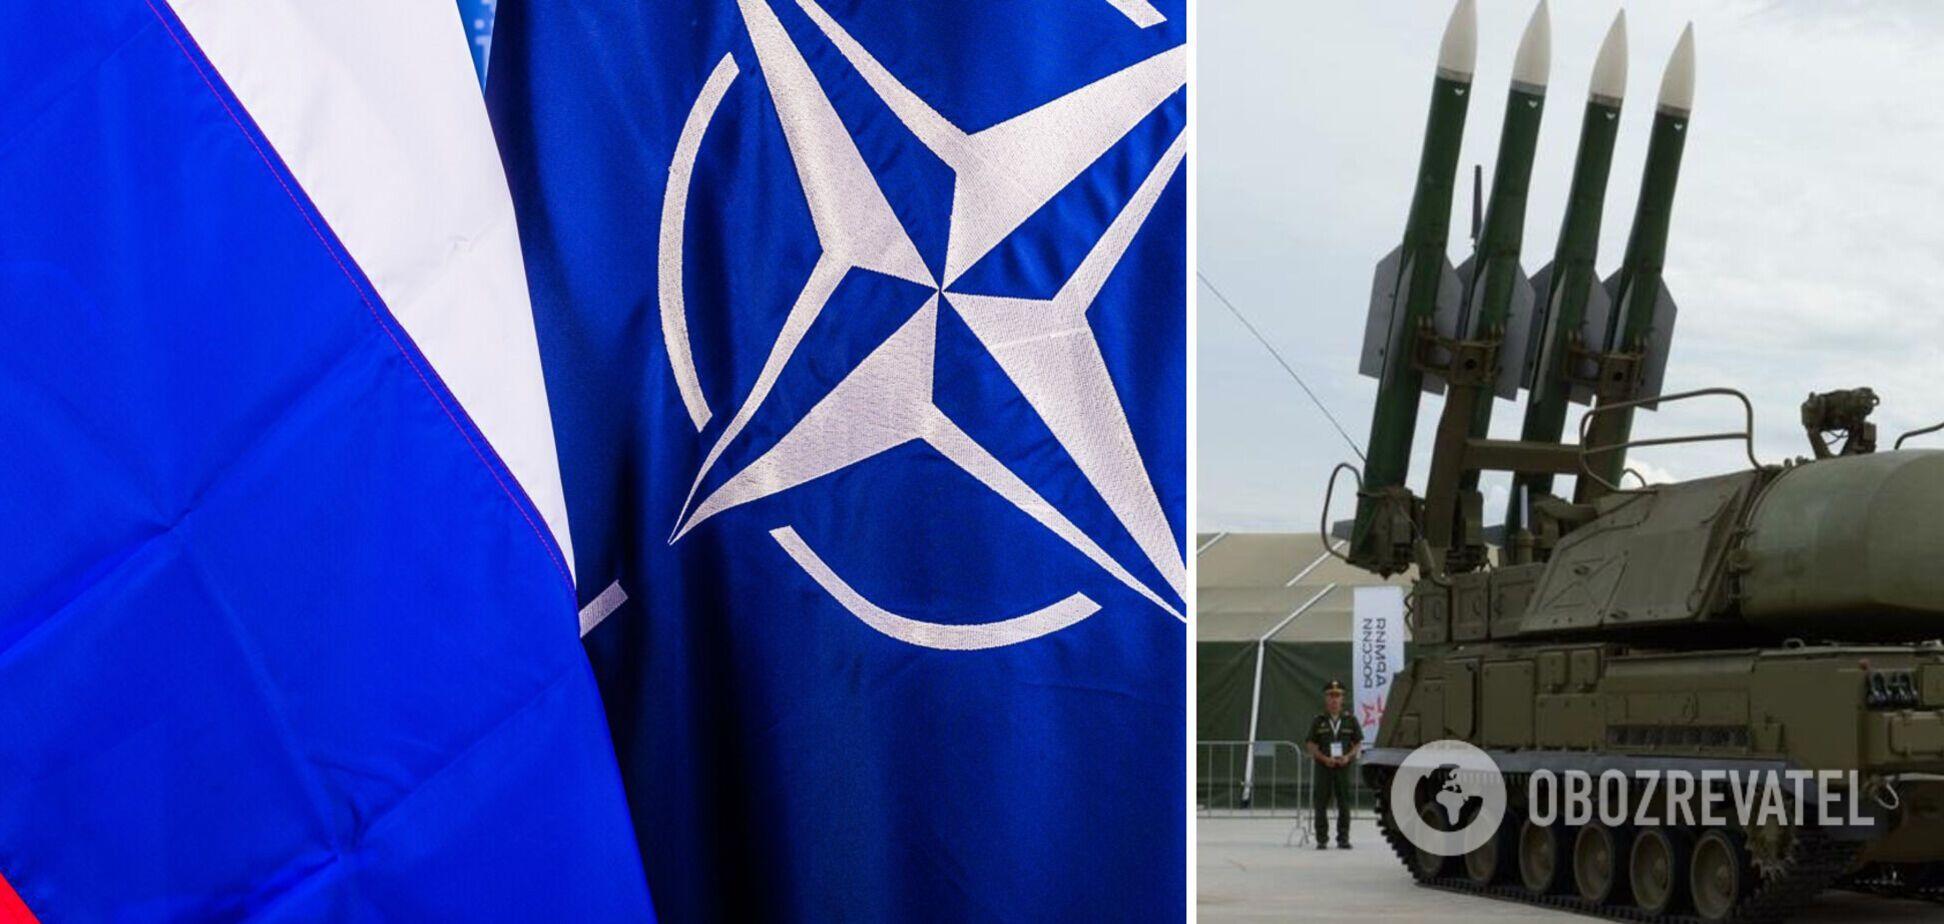 Альянс опасается одновременной атаки РФ в регионах Балтийского и Черного морей